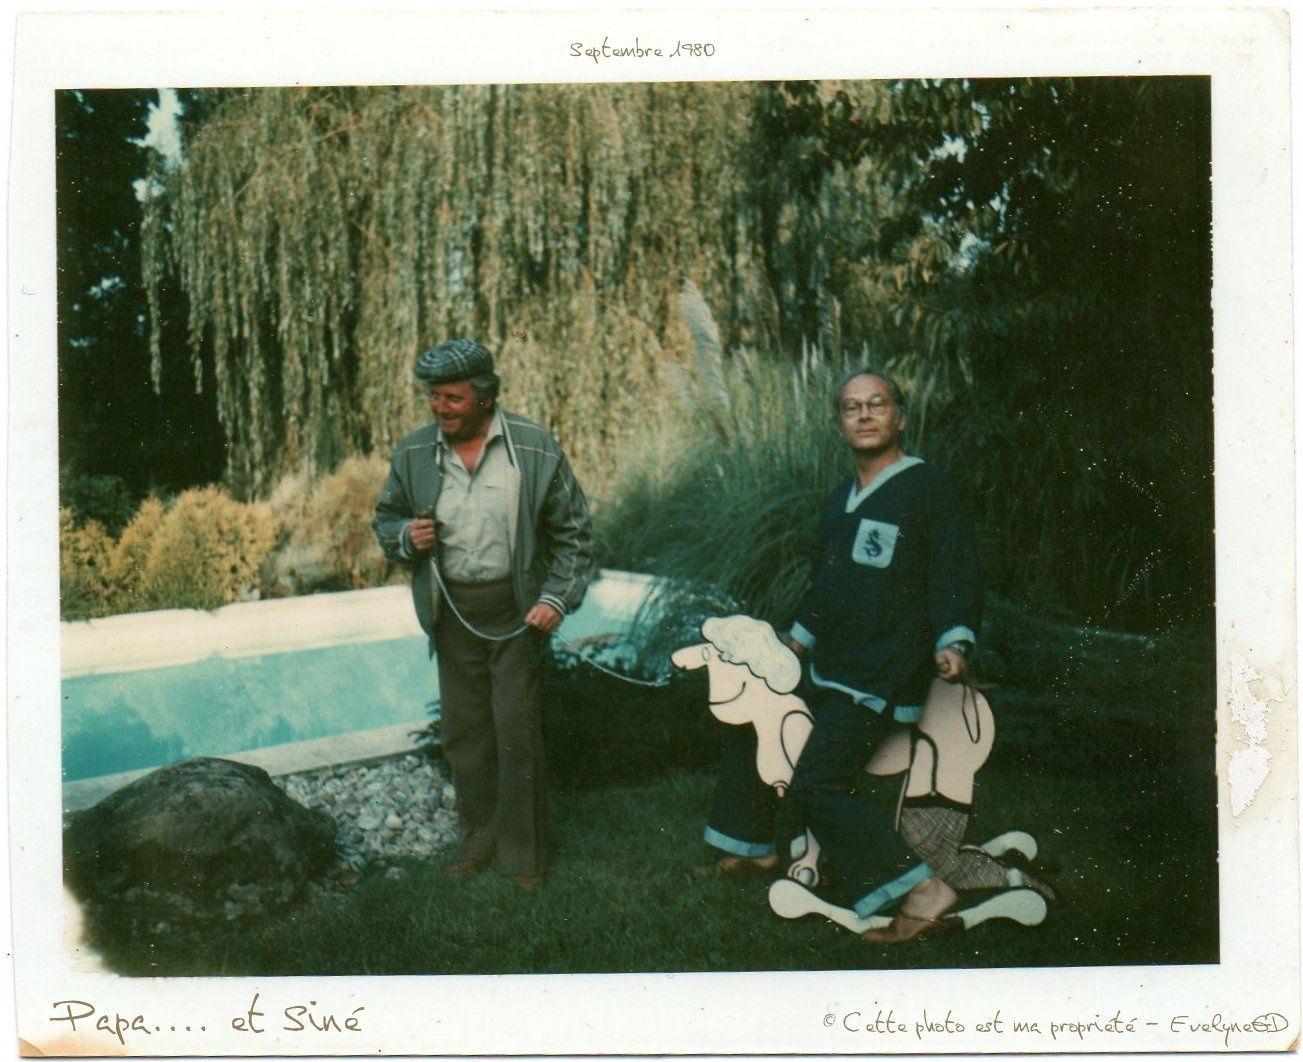 Mon père, Guy Montagné, Terry Shane et Siné.. Chez Siné, qui fut leur voisin dans le Val d'Oise..